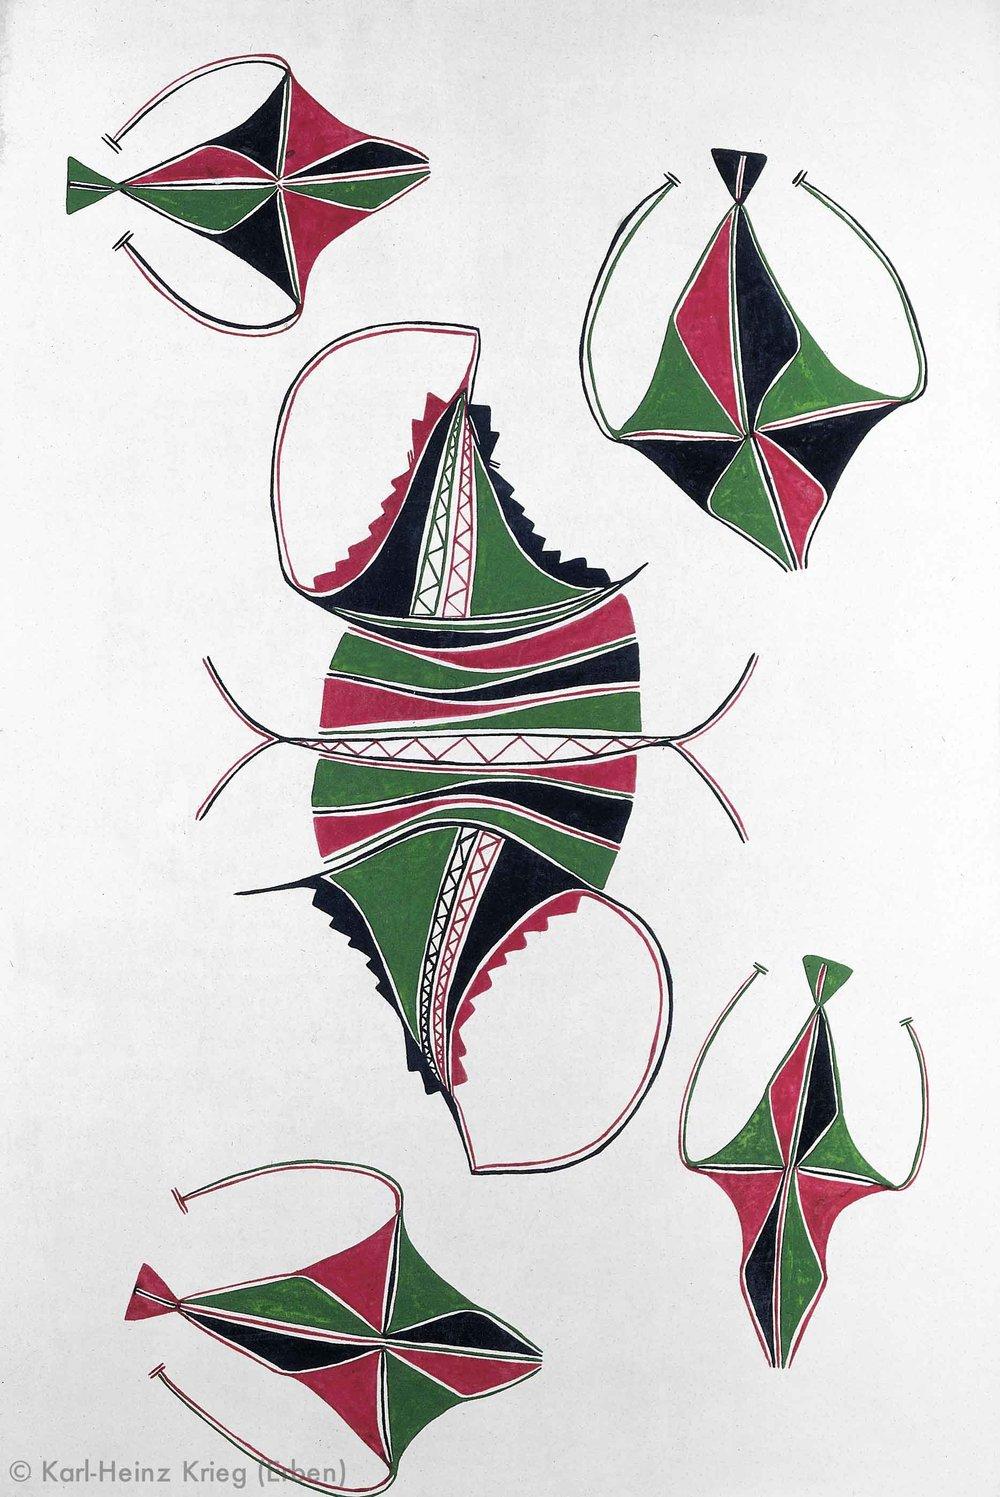 Kolouma Sovogi Bhékpézezogi, 1996